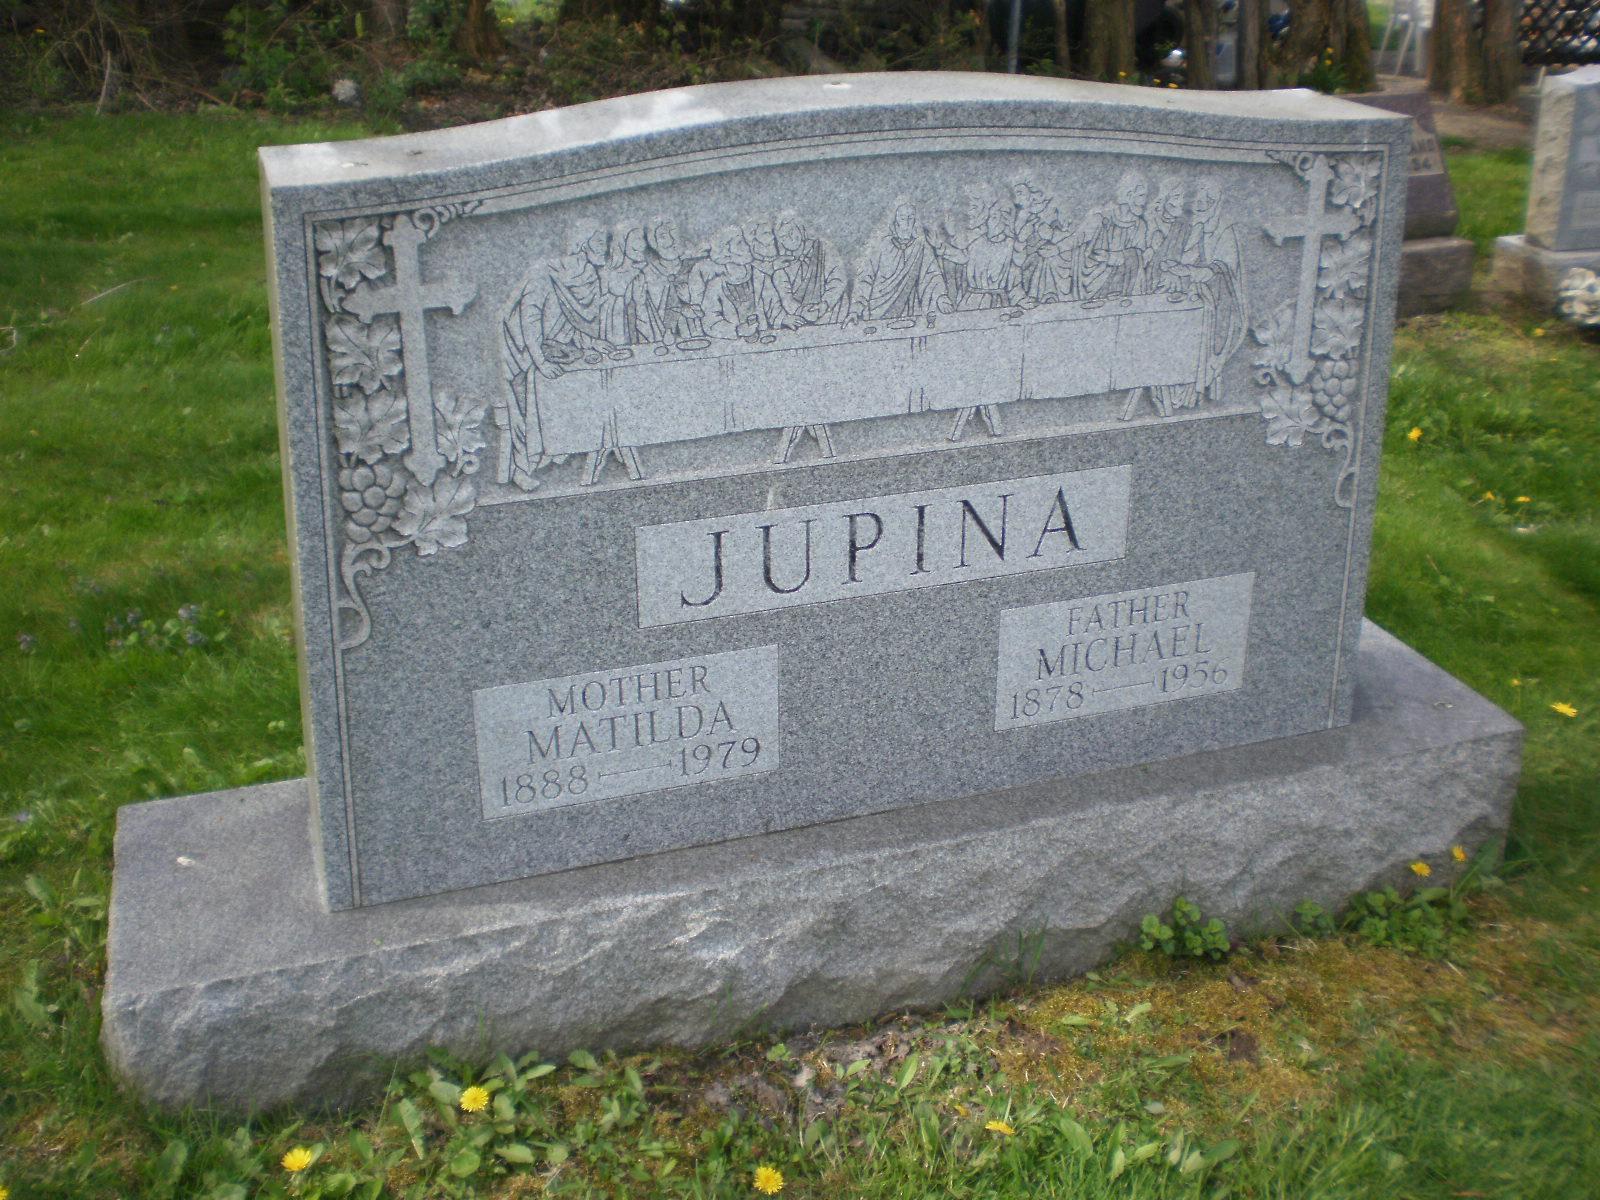 Joseph Jupina